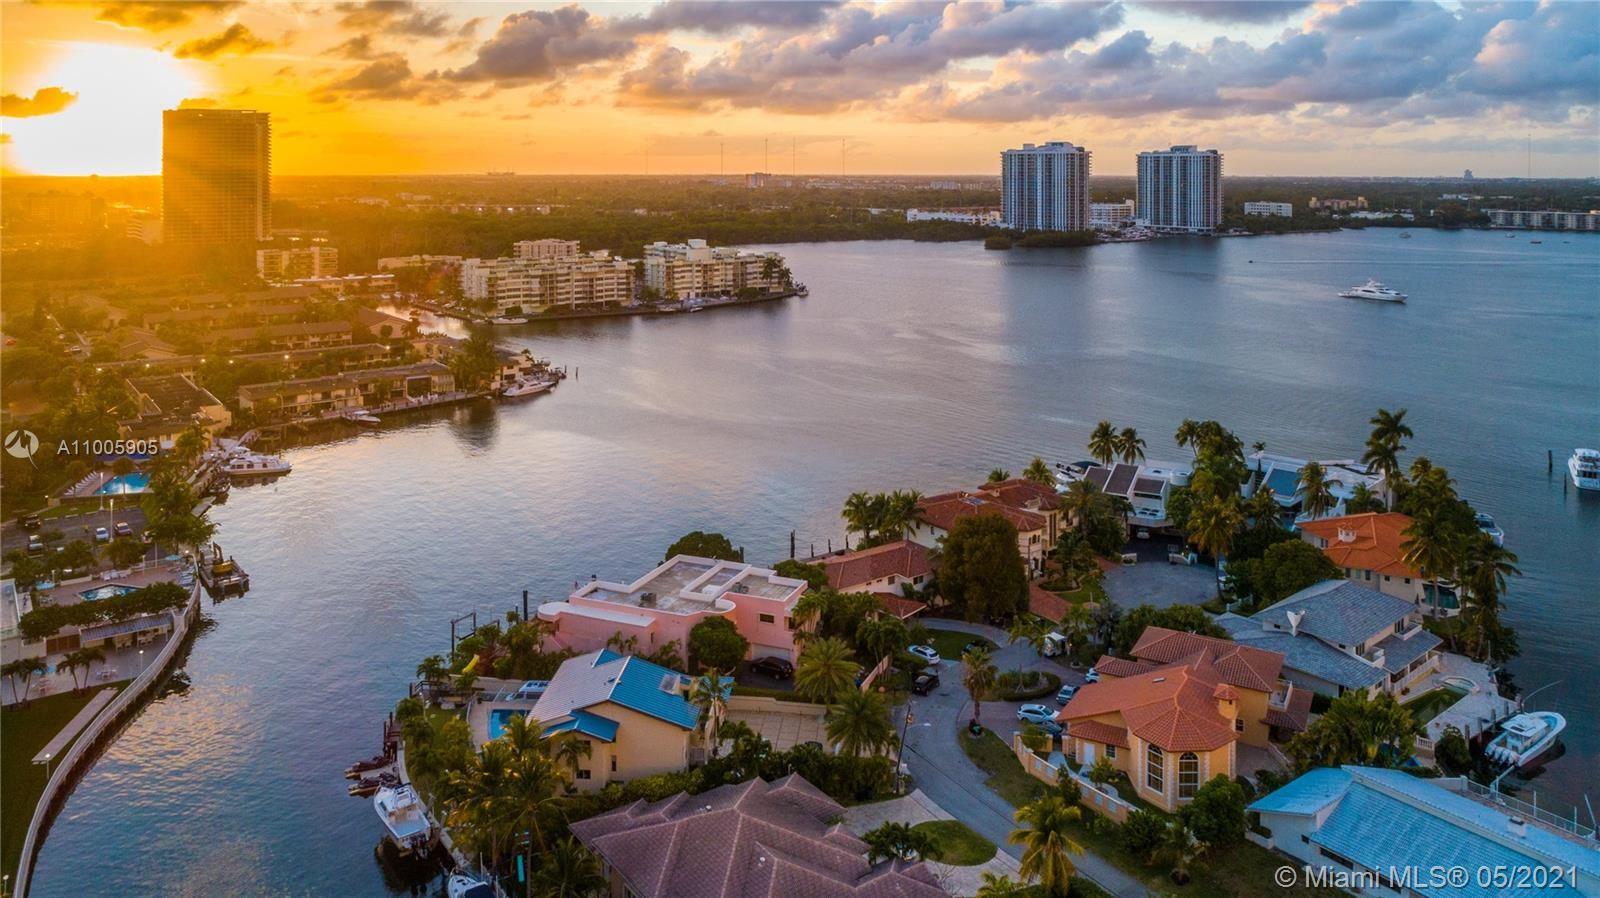 16400 NE 29th Ave, North Miami Beach, FL 33160 - #: A11005905